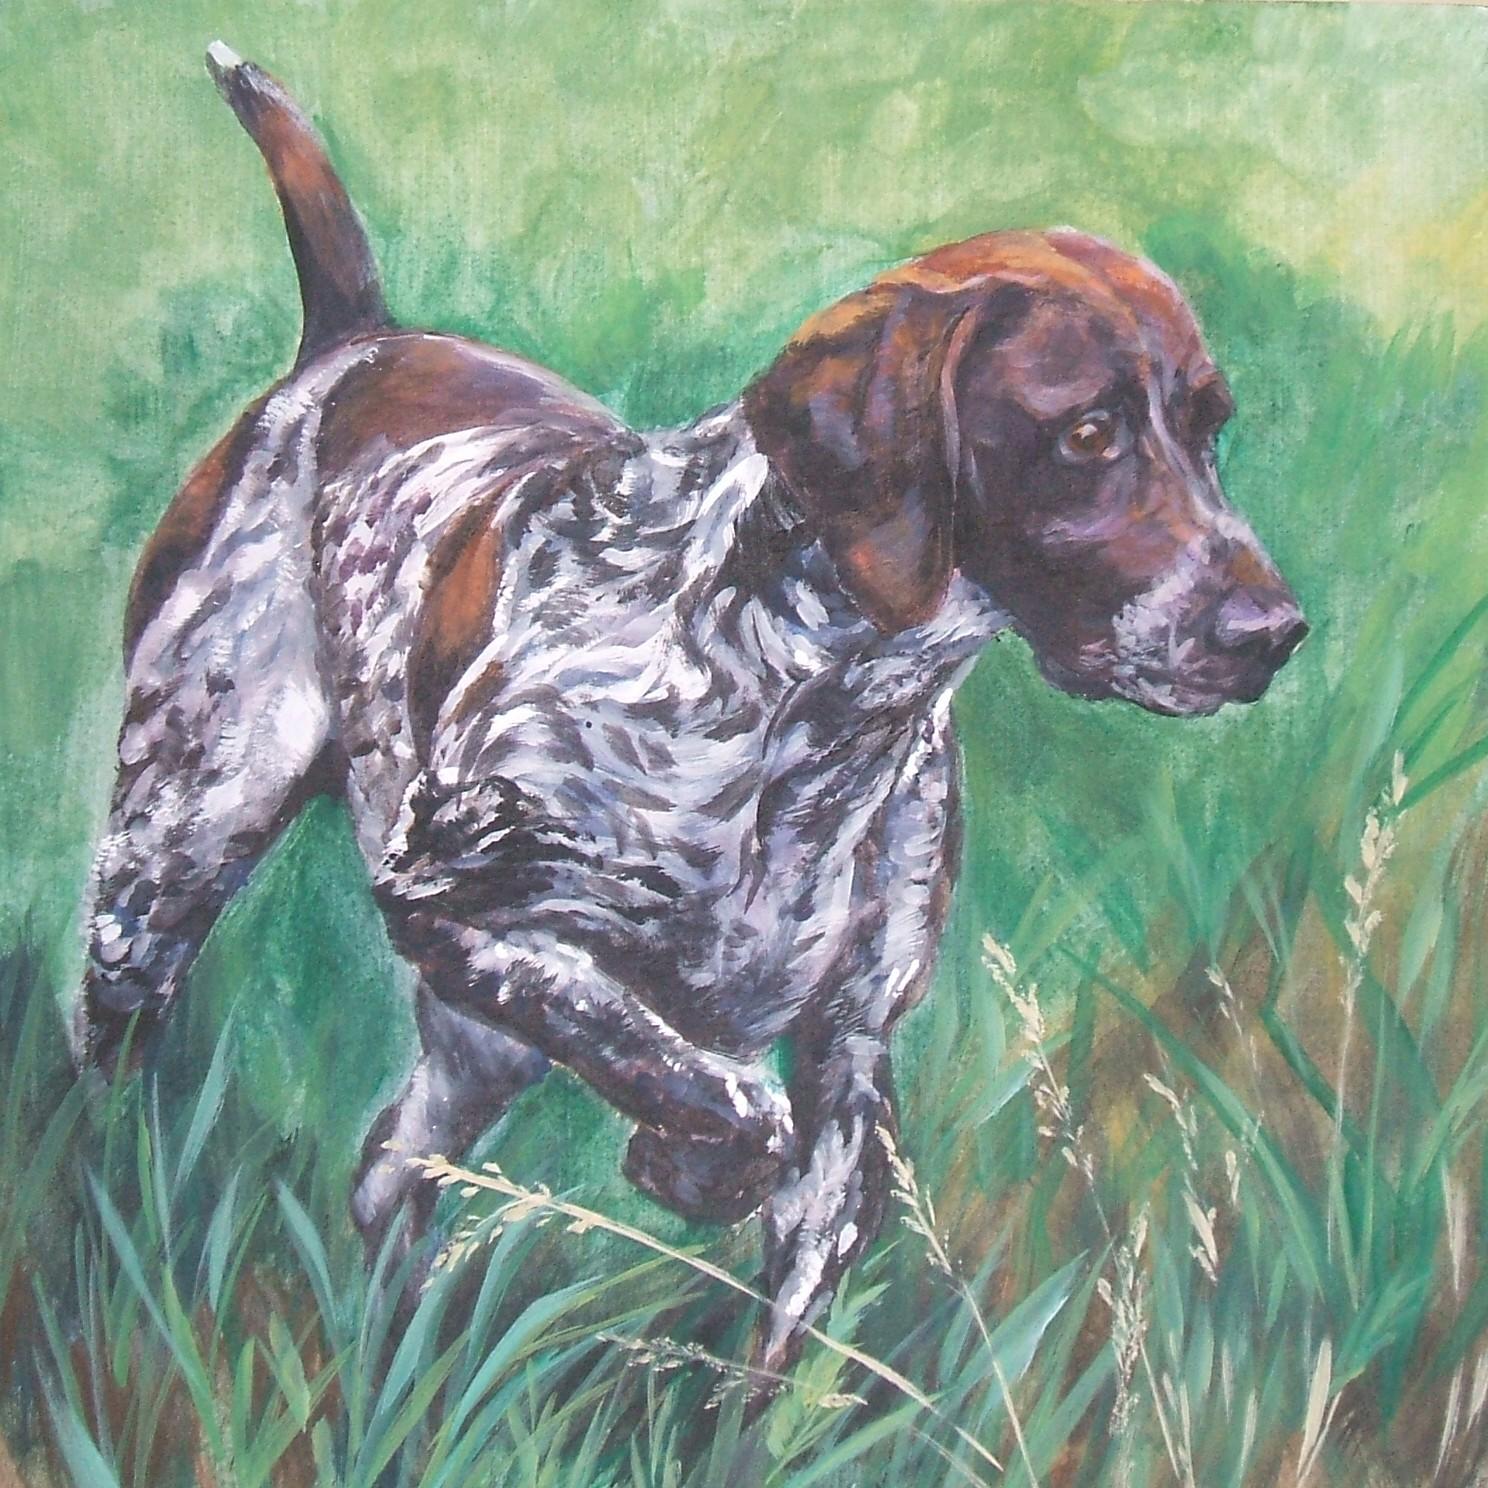 Нарисованная собака курцхаар фото